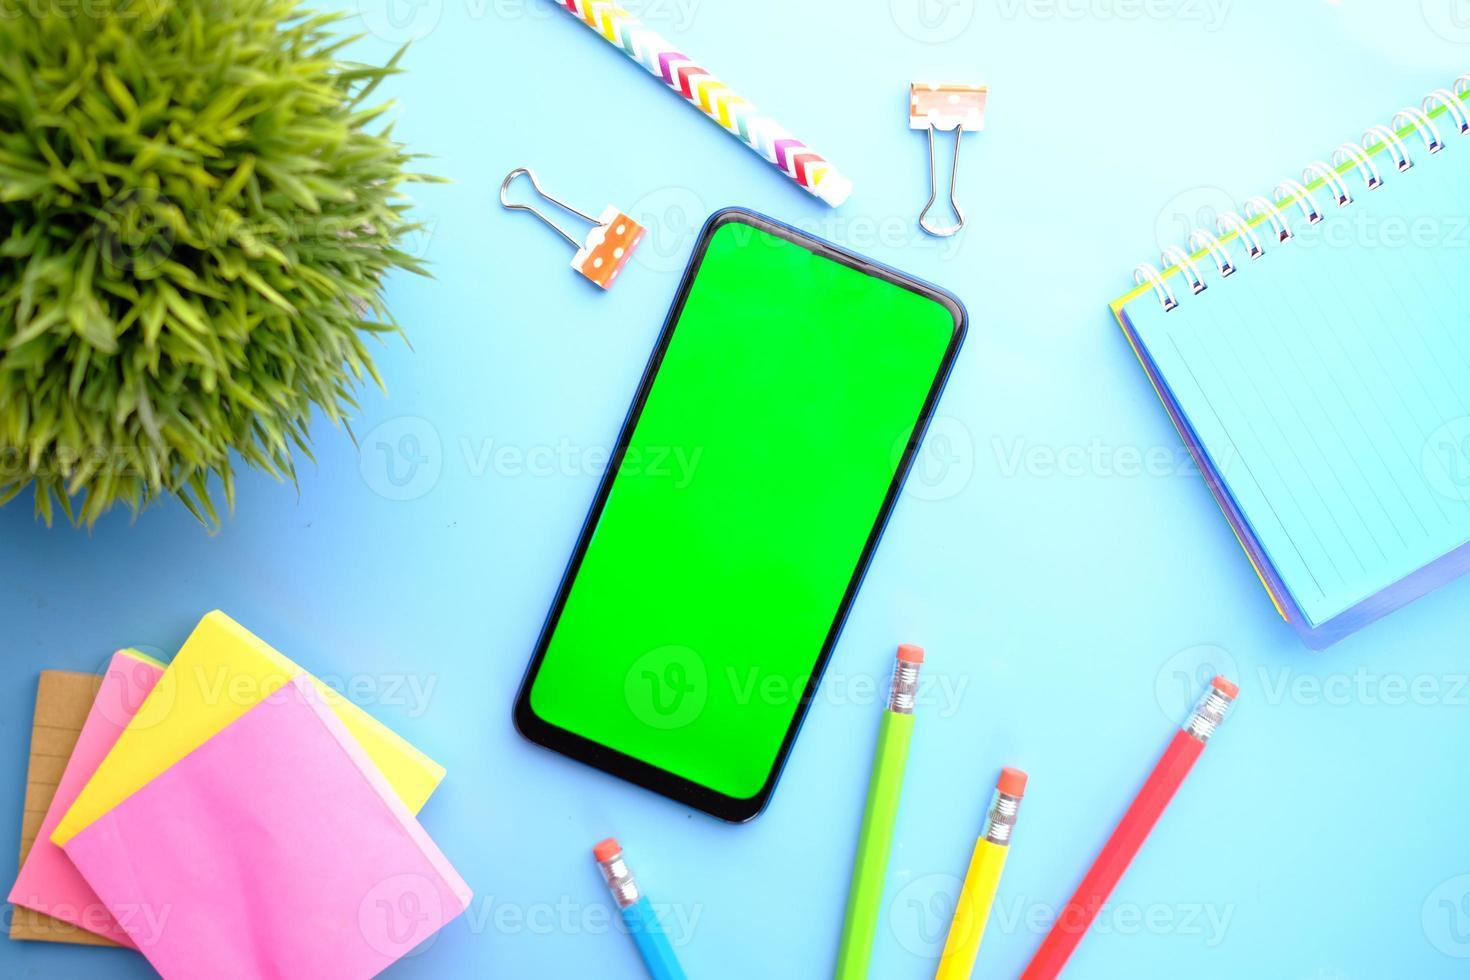 maqueta de teléfono inteligente de regreso a la escuela foto